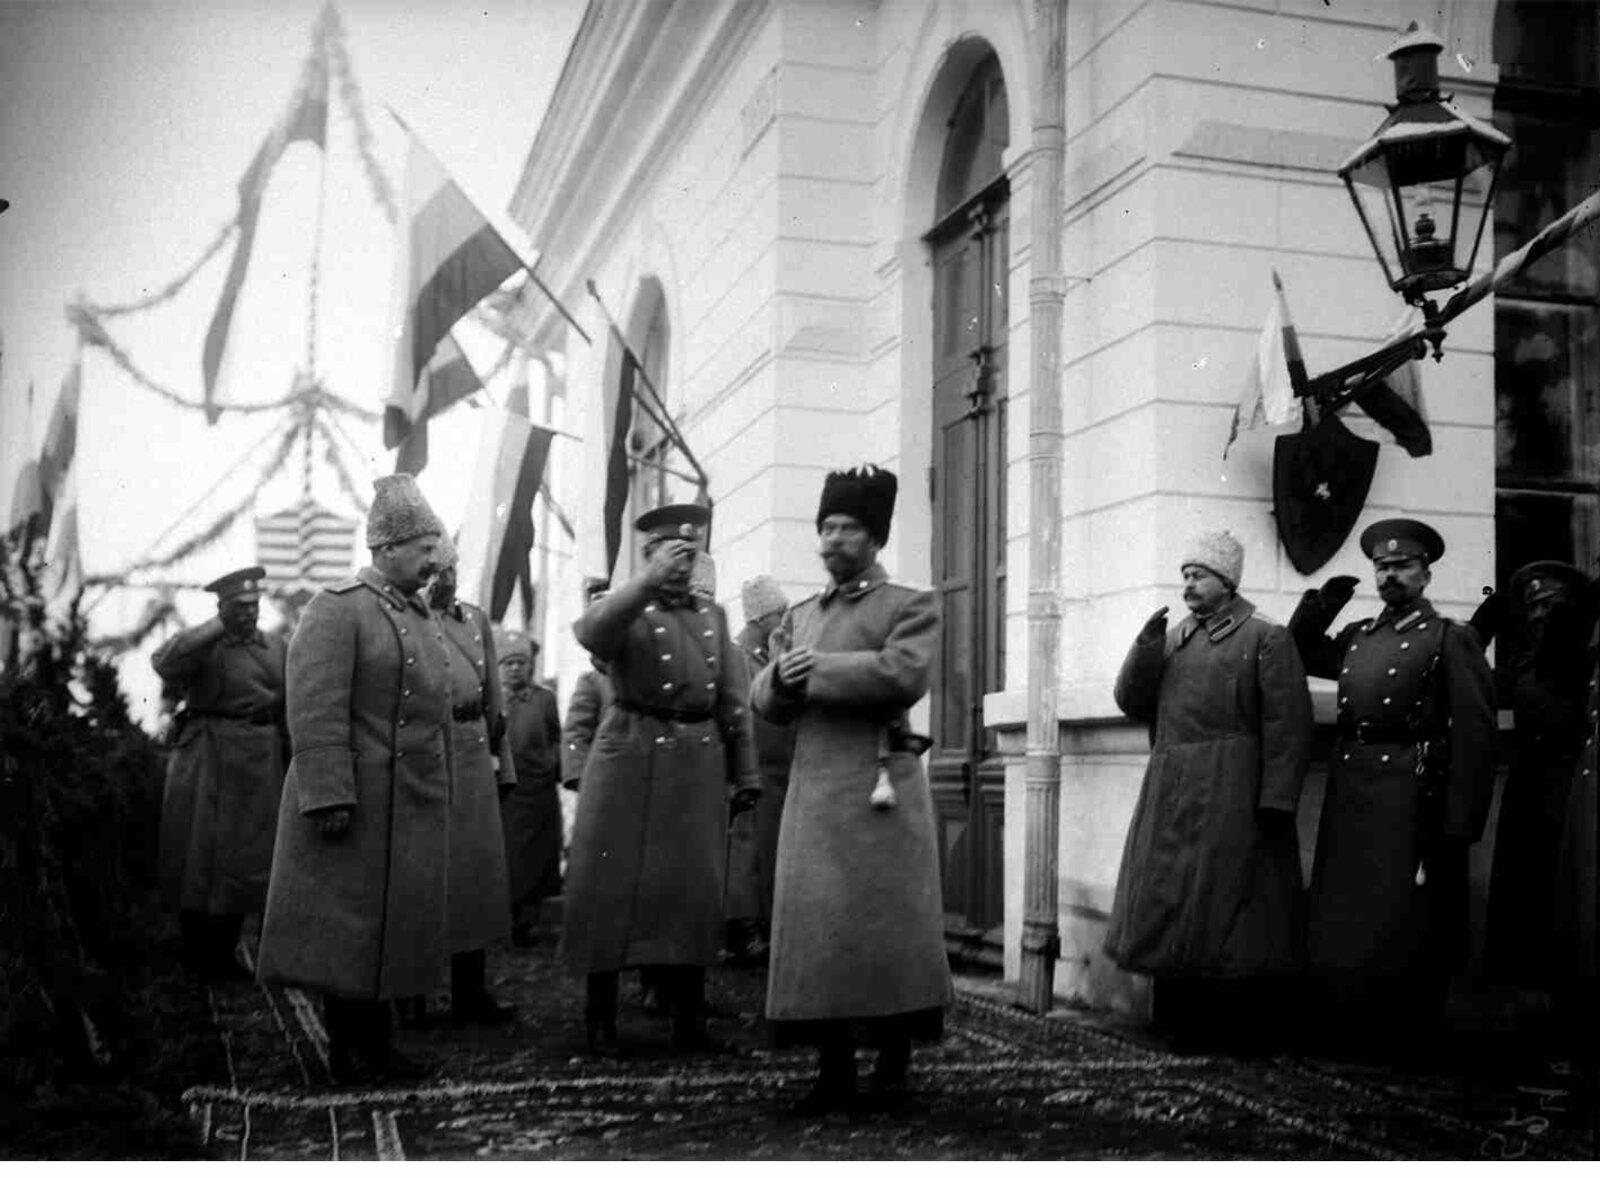 01. 1914. Встреча Императора Николая II на вокзале в Сарыкамыше 1 декабря